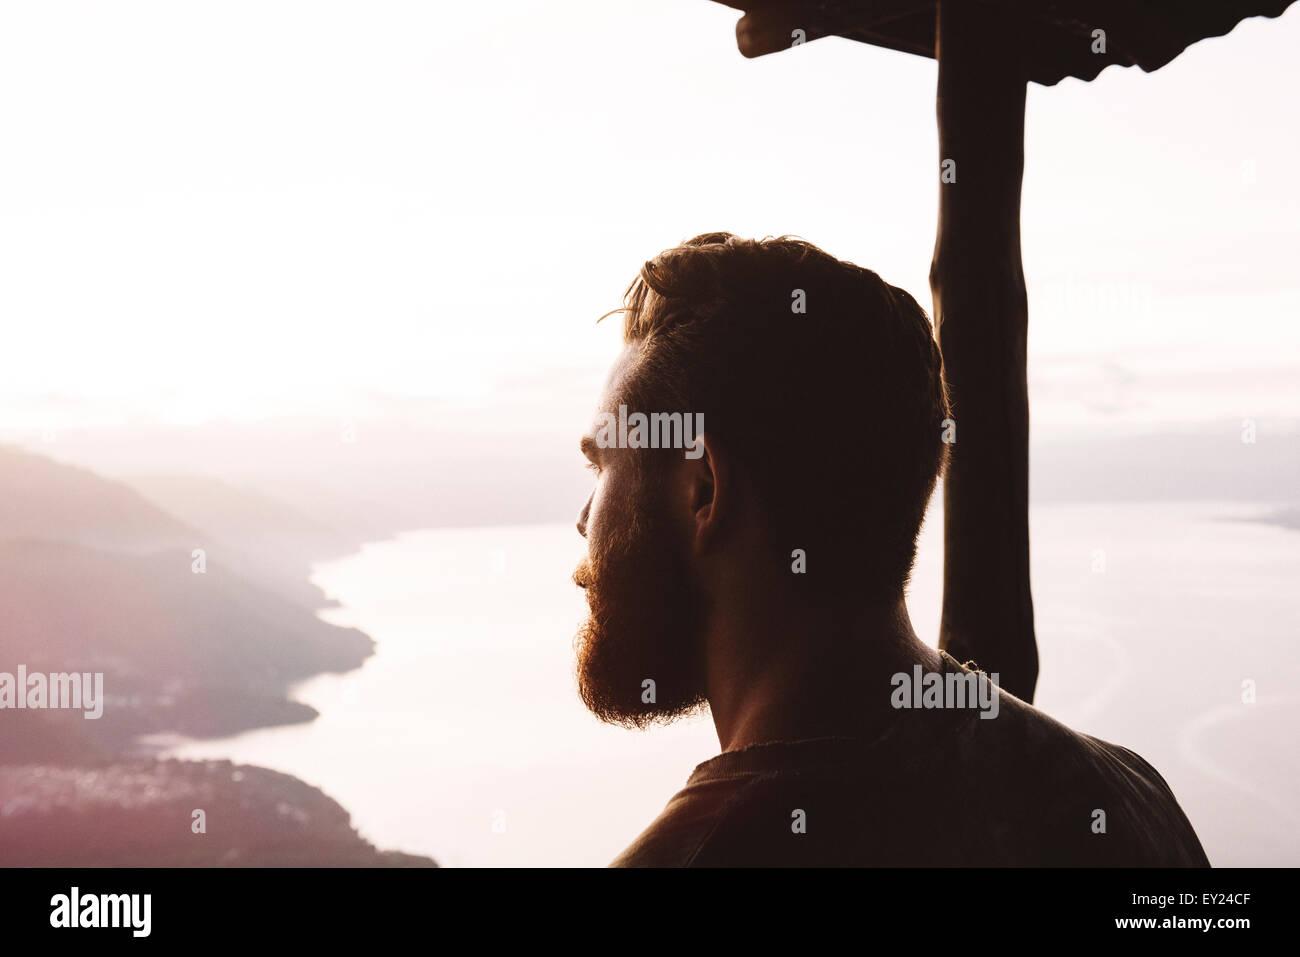 Hombre mirando desde Punta Indio, Lago Atitlán, Guatemala Imagen De Stock